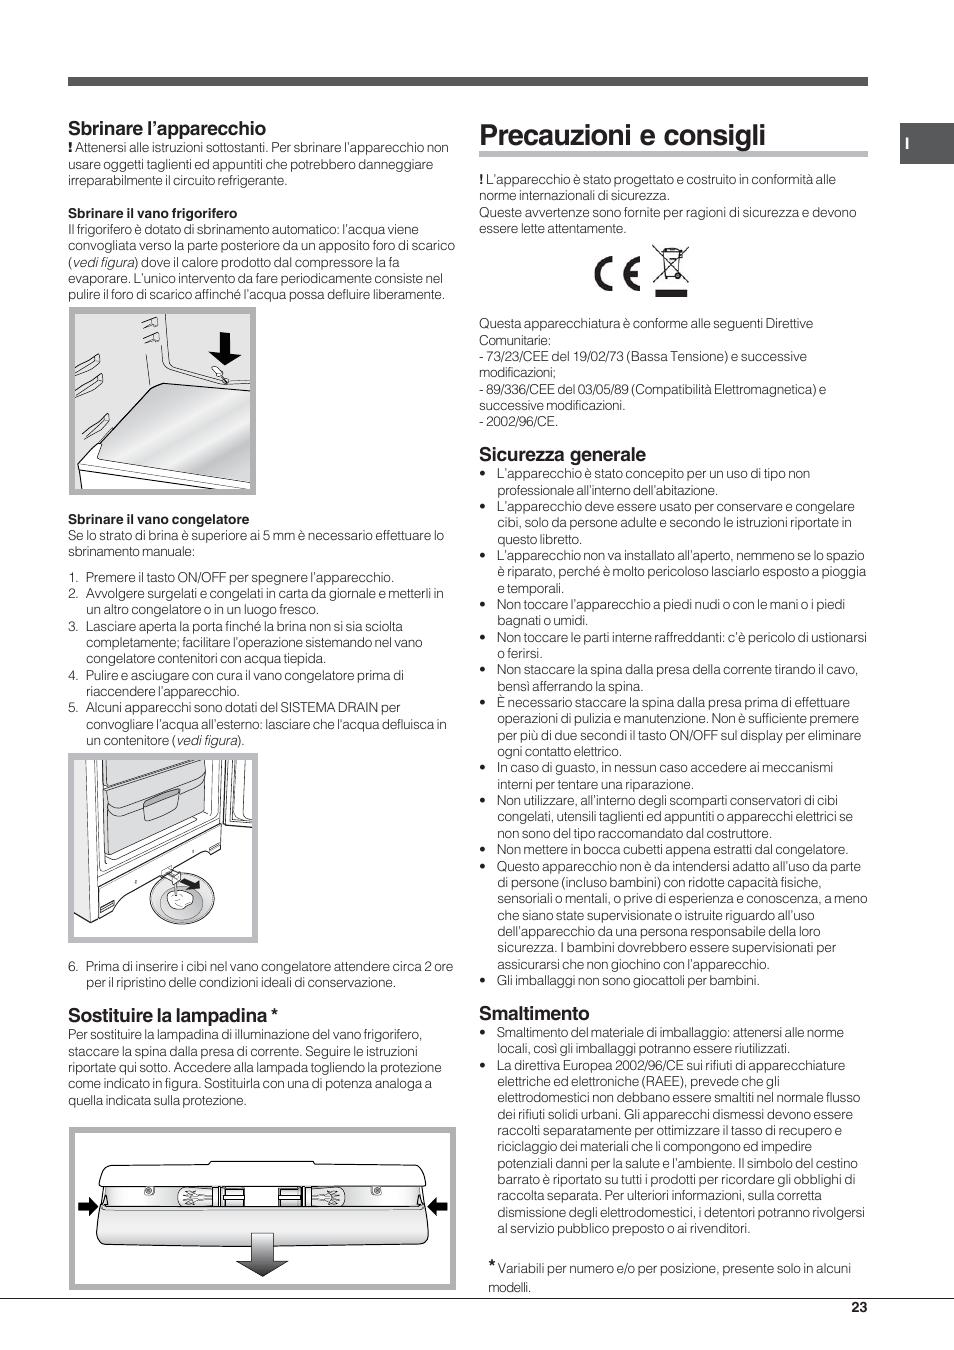 Precauzioni e consigli, Sbrinare l'apparecchio, Sostituire